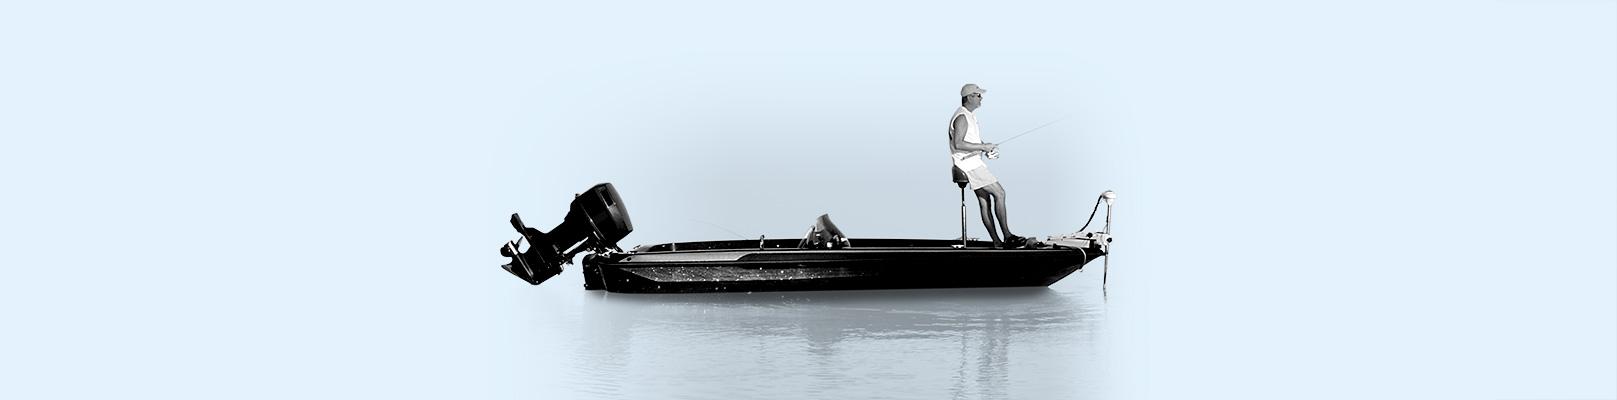 Un homme pêche à bord d'un bass boat